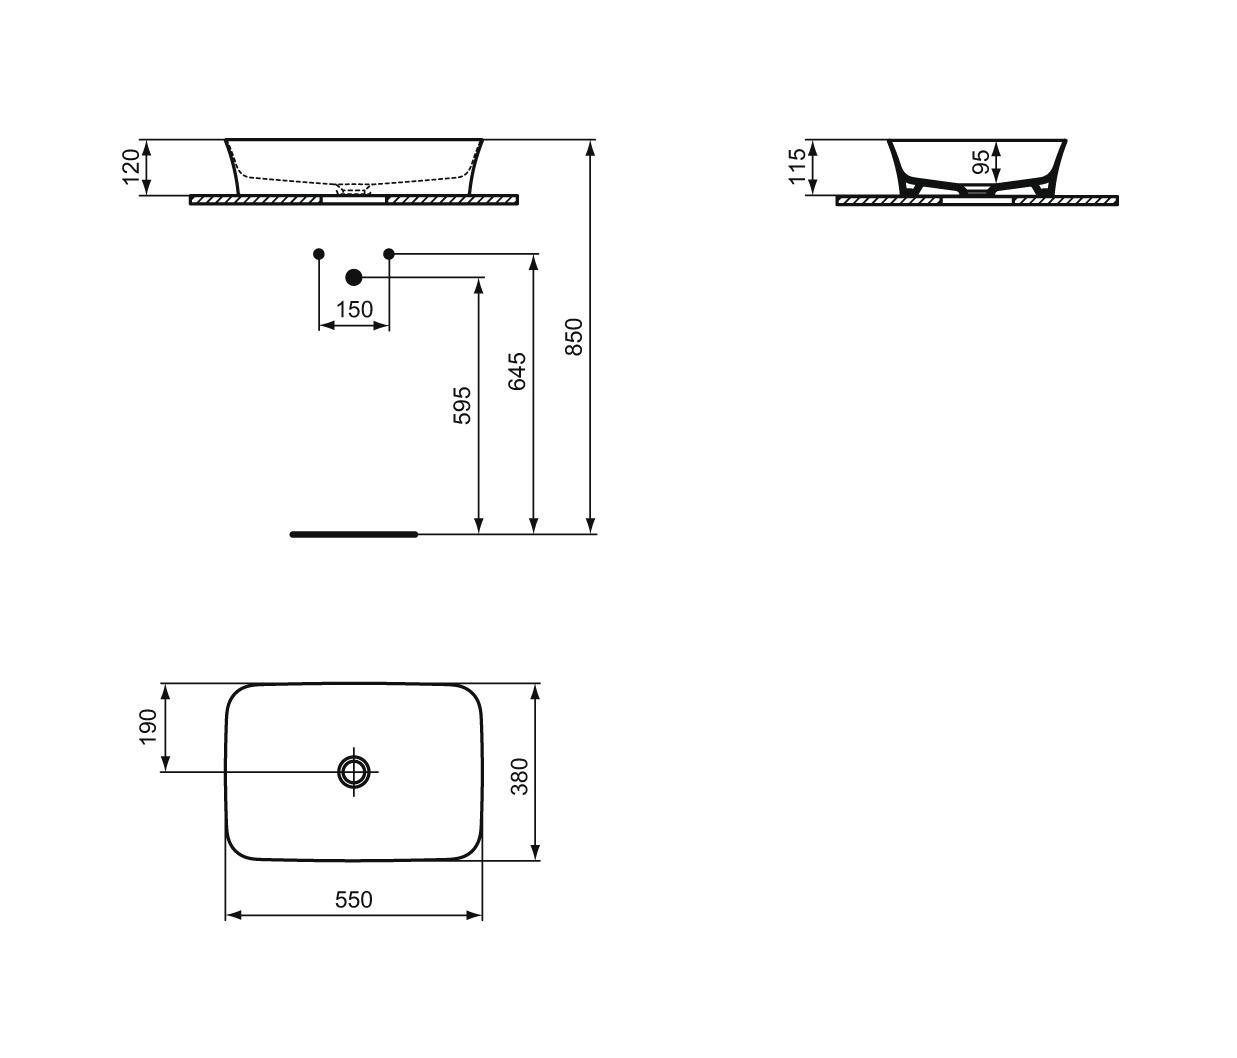 ipalyss schale ohne berlauf 550x380 mm waschtische von. Black Bedroom Furniture Sets. Home Design Ideas